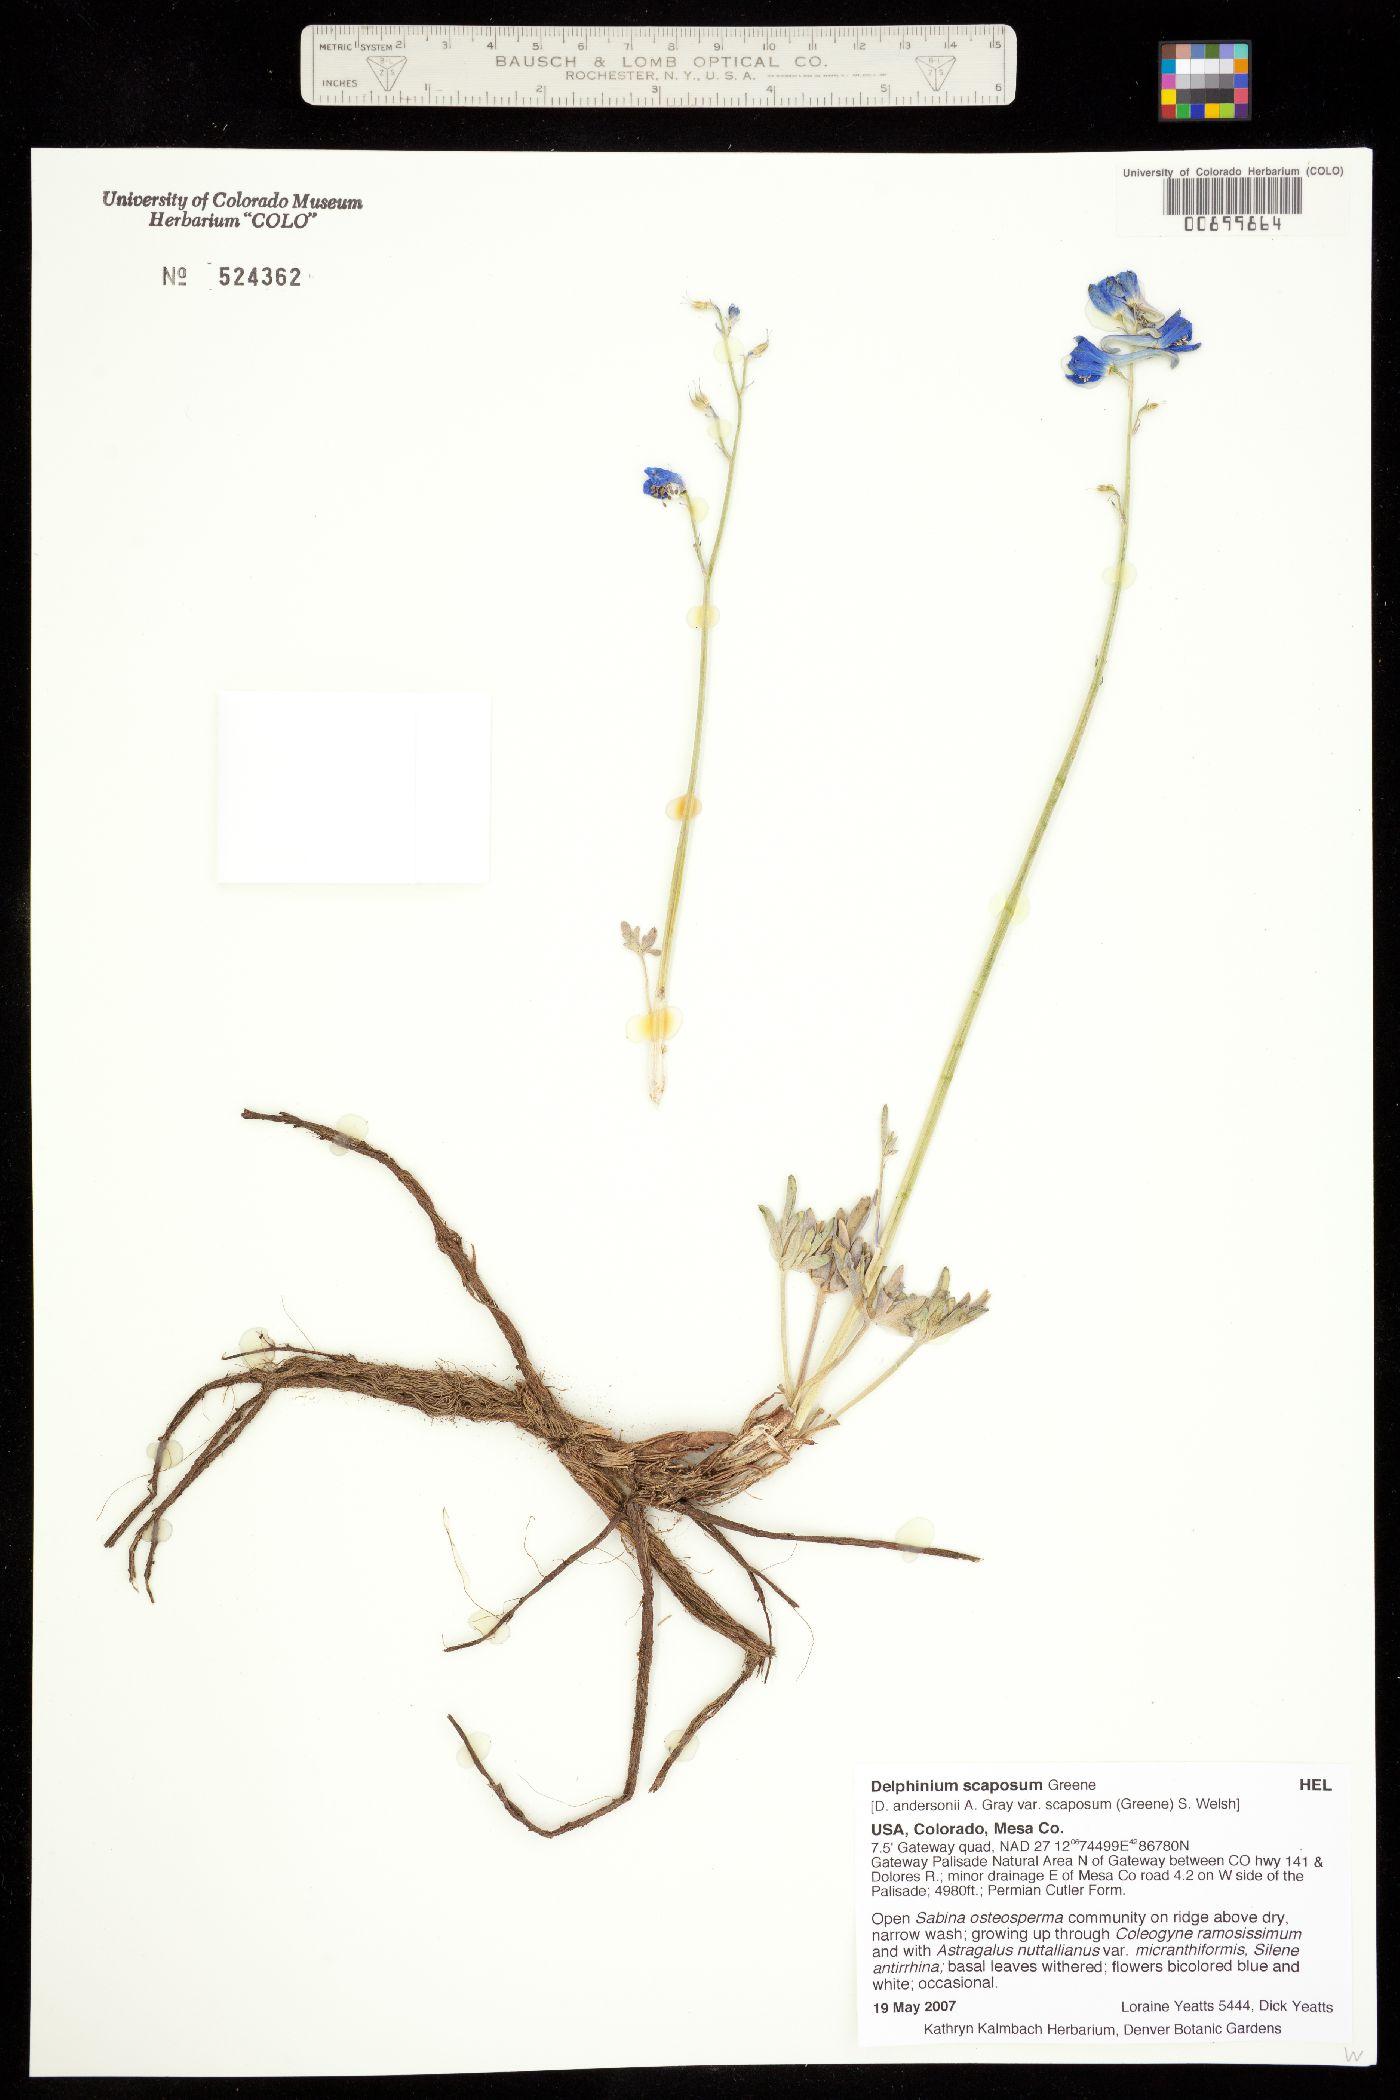 Delphinium andersonii var. scaposum image